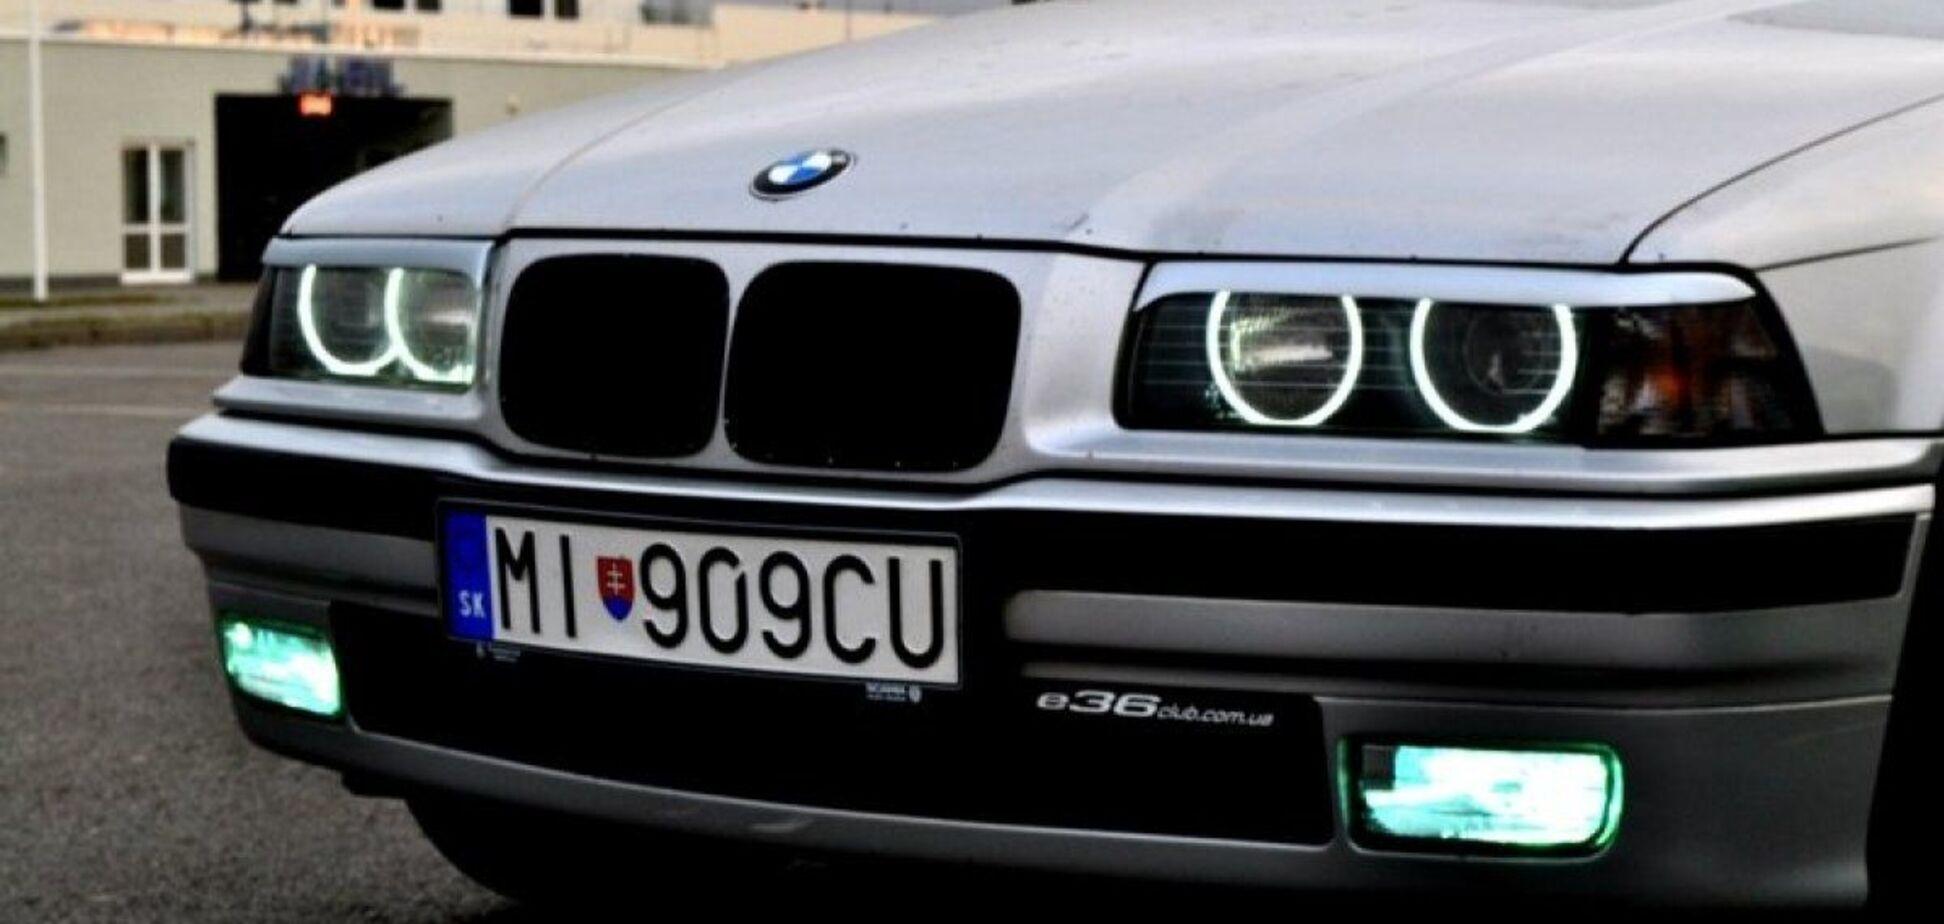 Автомобиль с европейскими номерами